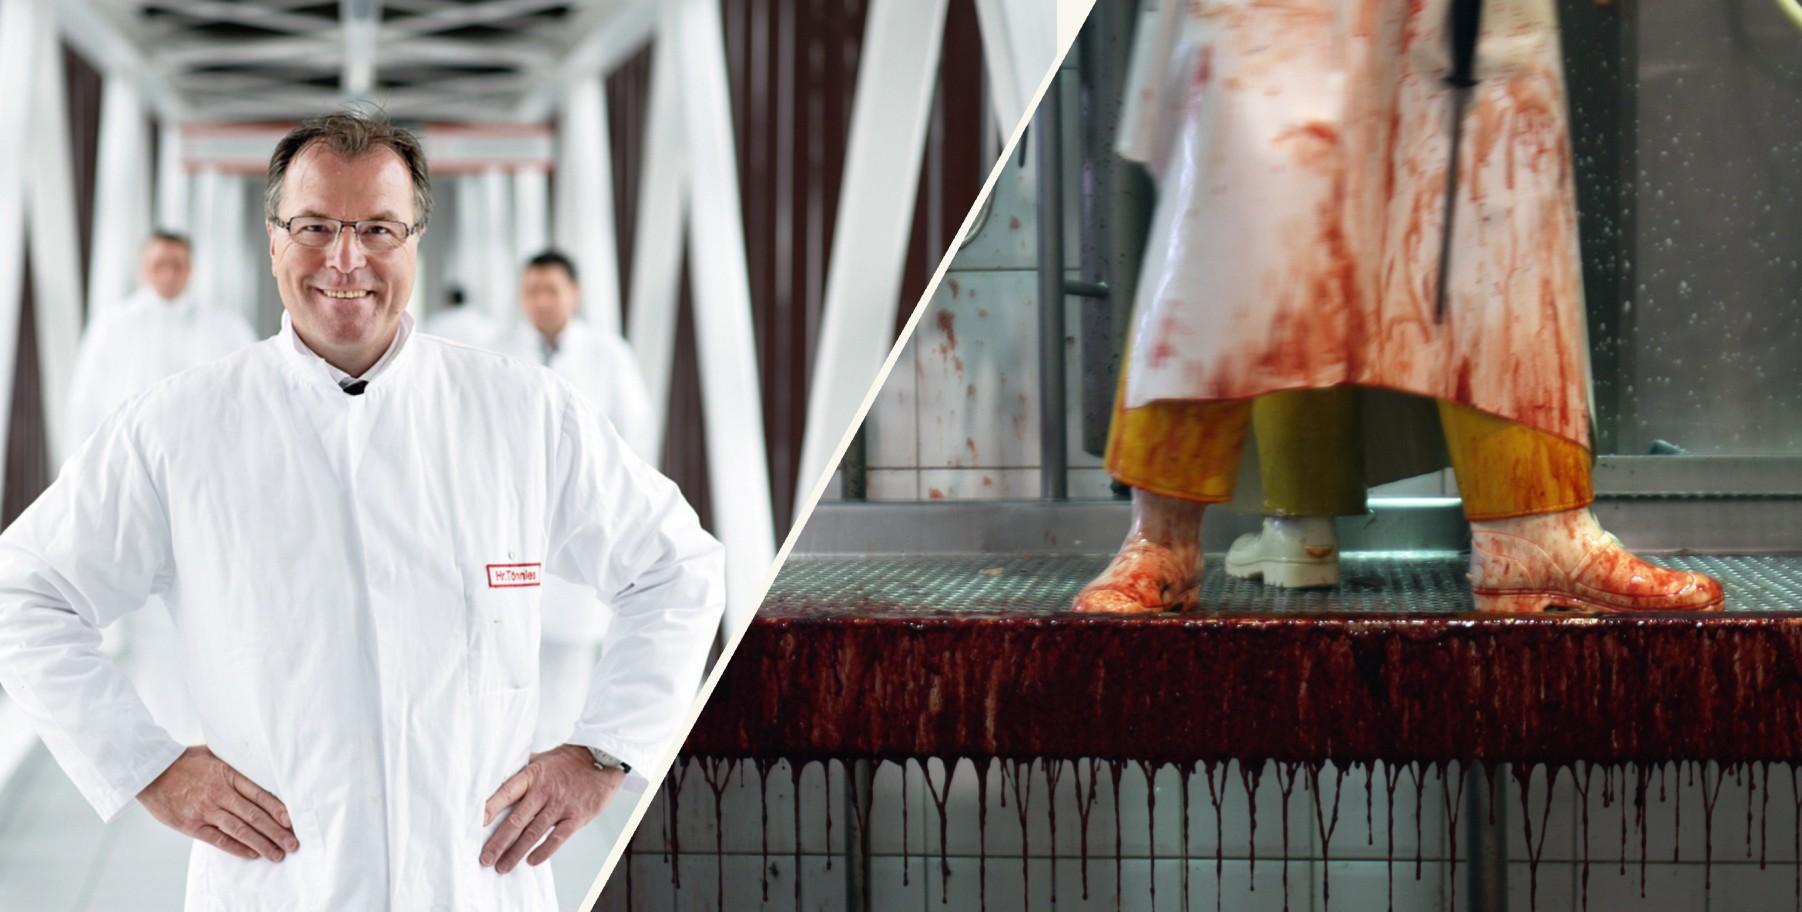 Tönnies und die Fleischindustrie (Fotos: PA/DPA/Bernd Thissen; Getty Images/iStockphoto/Marcelo Silva)